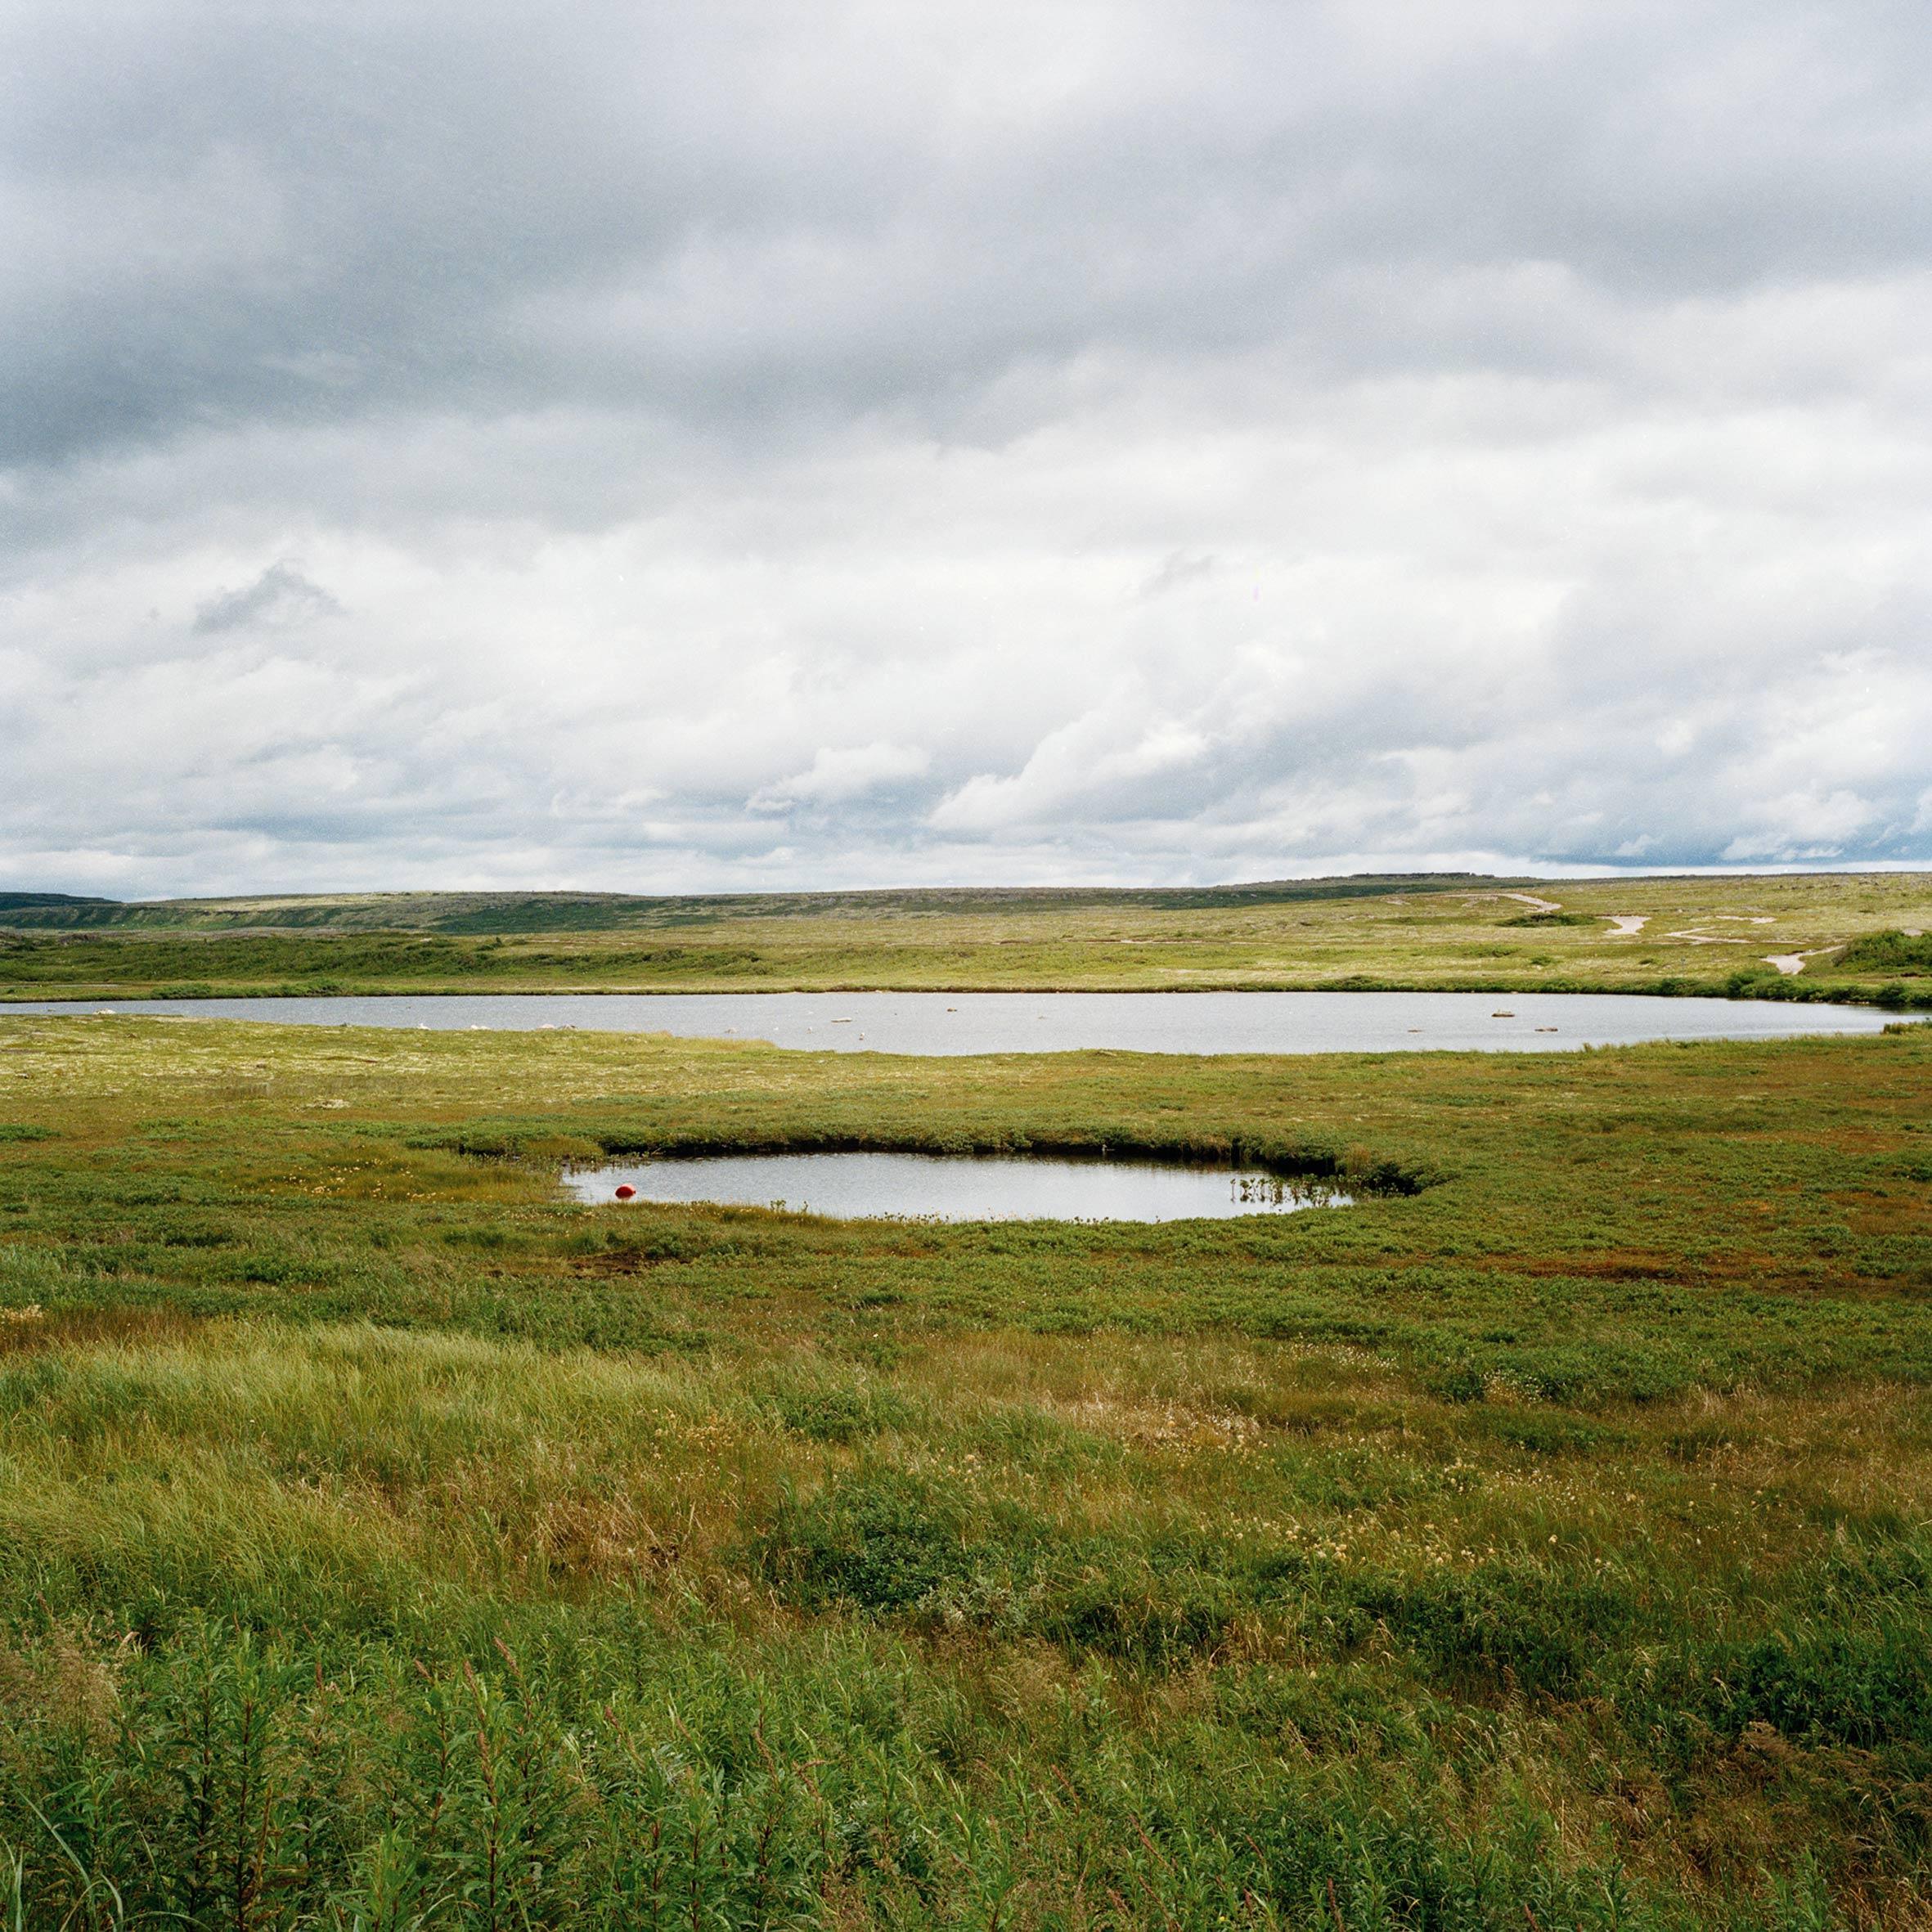 marcher créer, périple autobiographique, territoire du Labrador au Québec, paysage, paysage désertique, lac, ciel